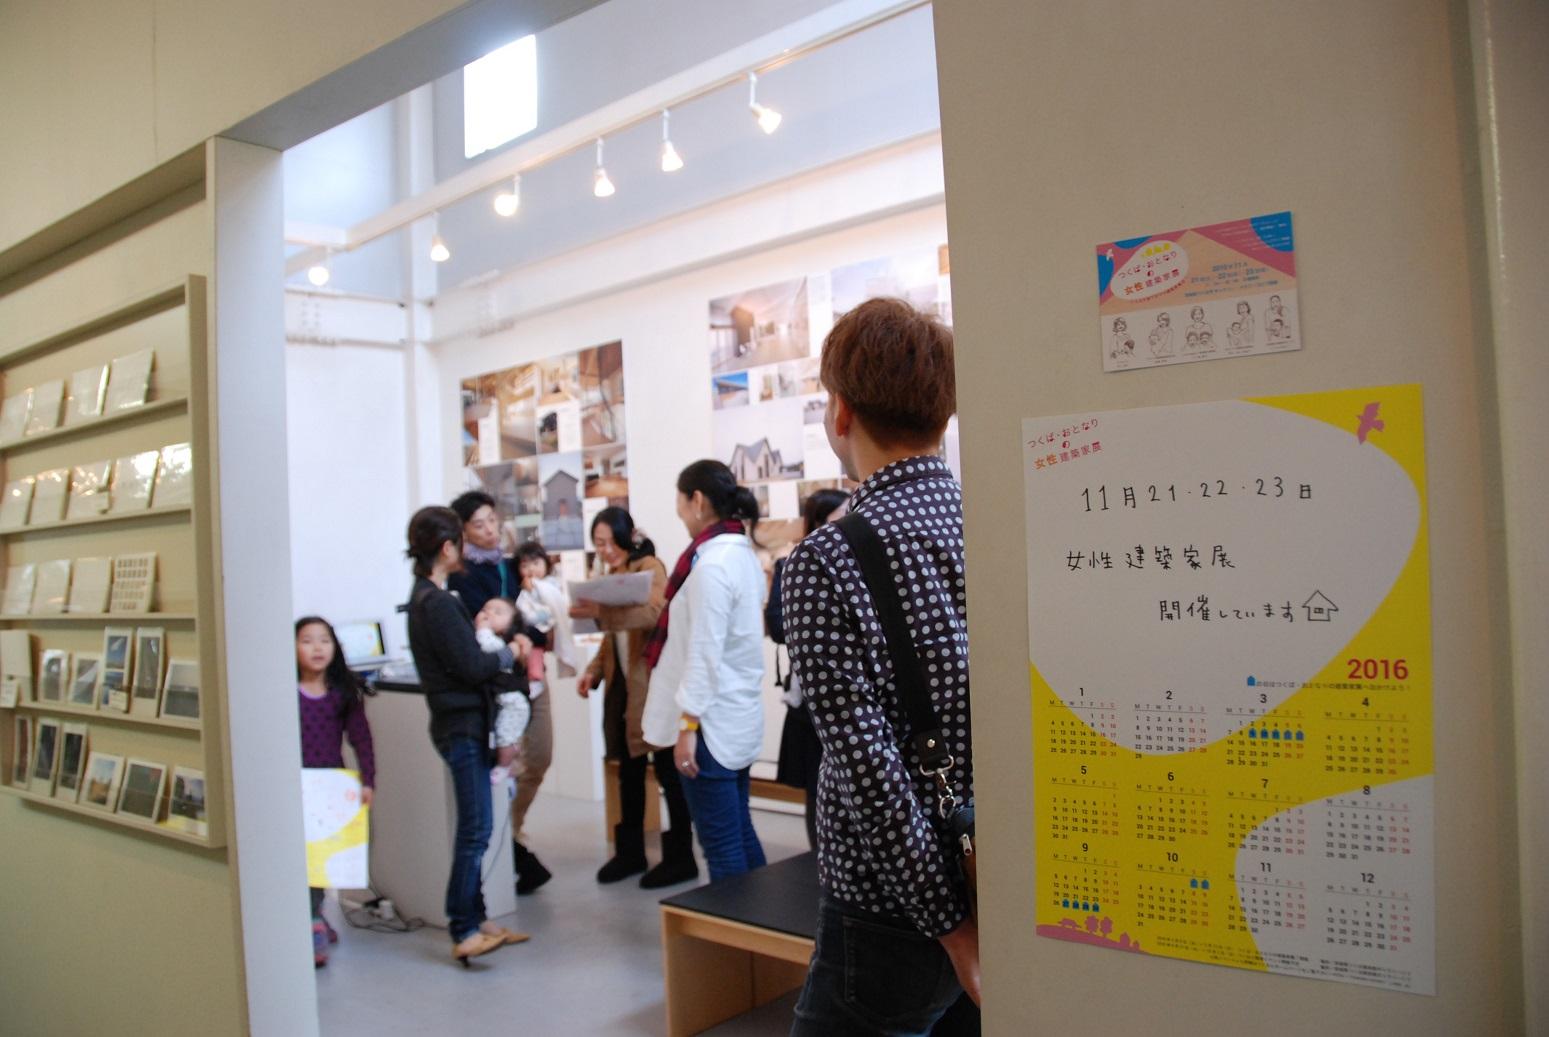 女性建築家展:ご来場いただきありがとうございました!_b0195324_14372291.jpg